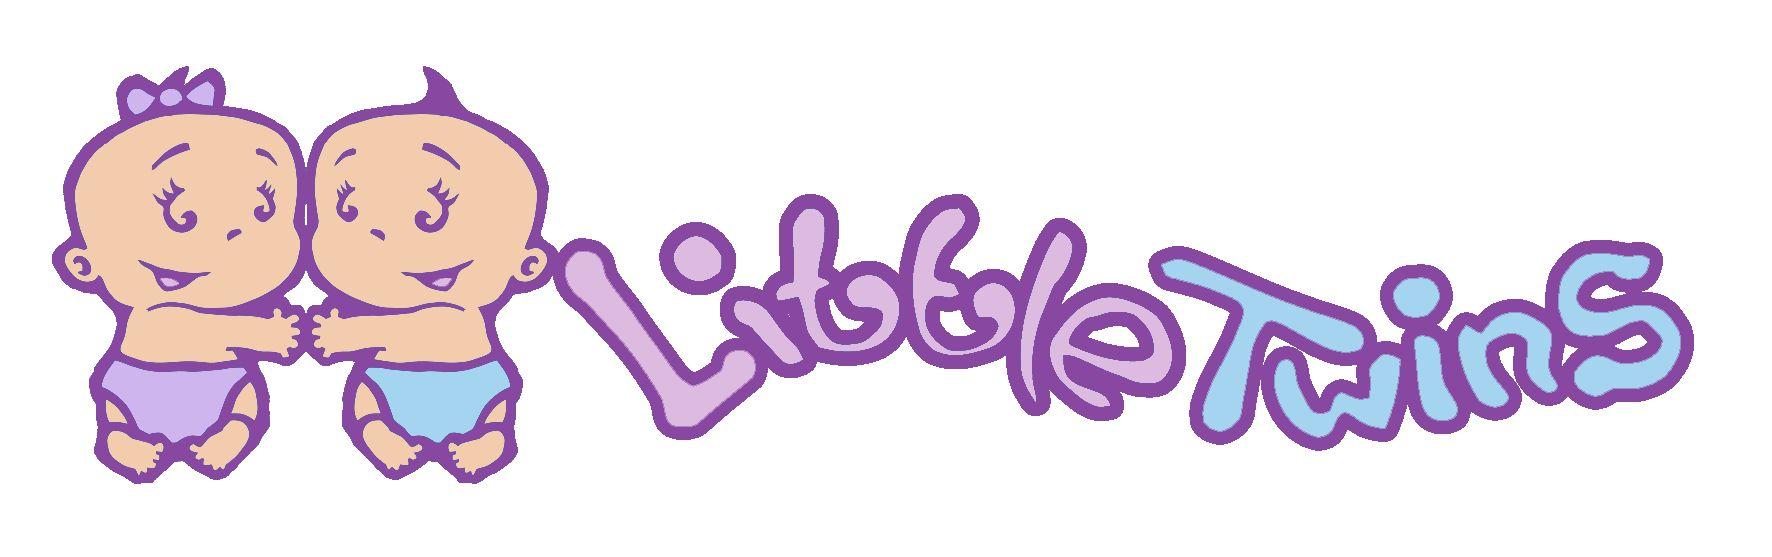 Логотип детского интернет-магазина для двойняшек - дизайнер scratcherz